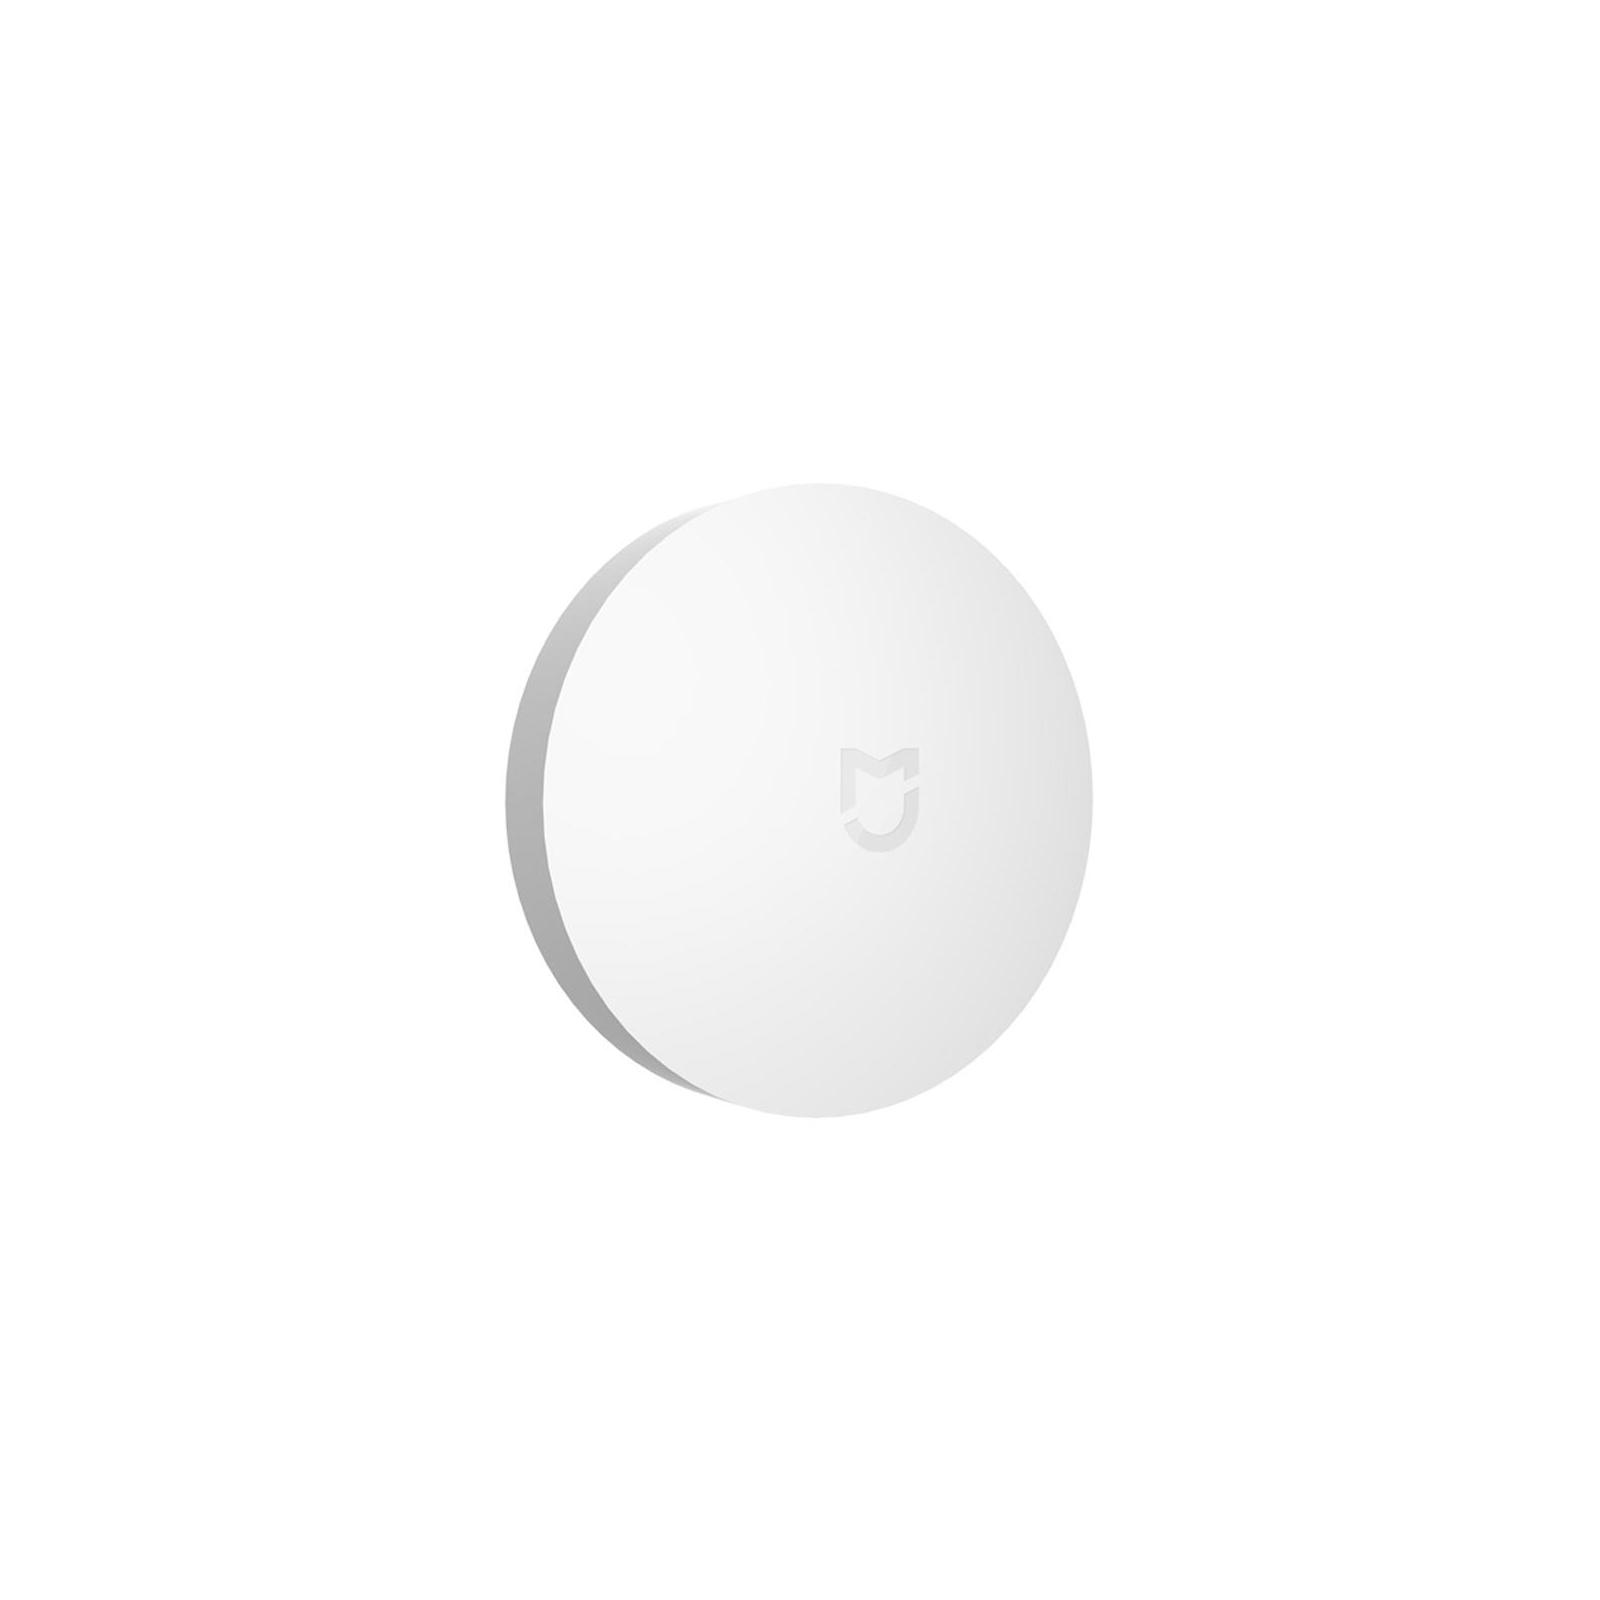 Кнопка управления беспроводными выключателями Xiaomi Mijia Wireless Switch WXKG01LM (YTC4017CN/YTC4006CN) изображение 2